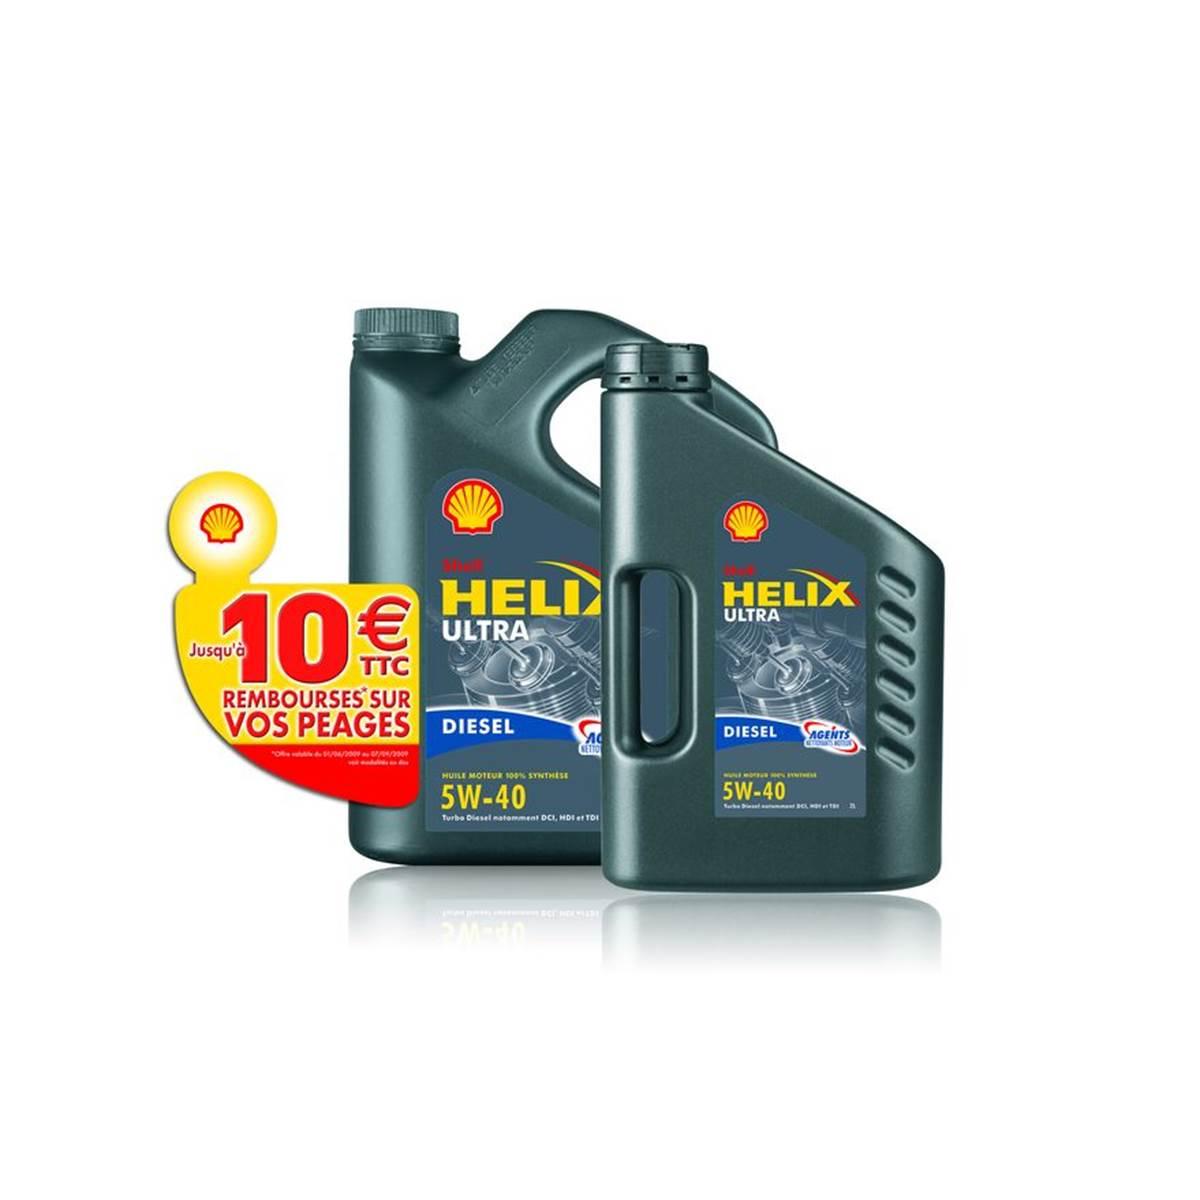 Huile Shell Helix Plus 5w40 D 5L+2L+10E péage